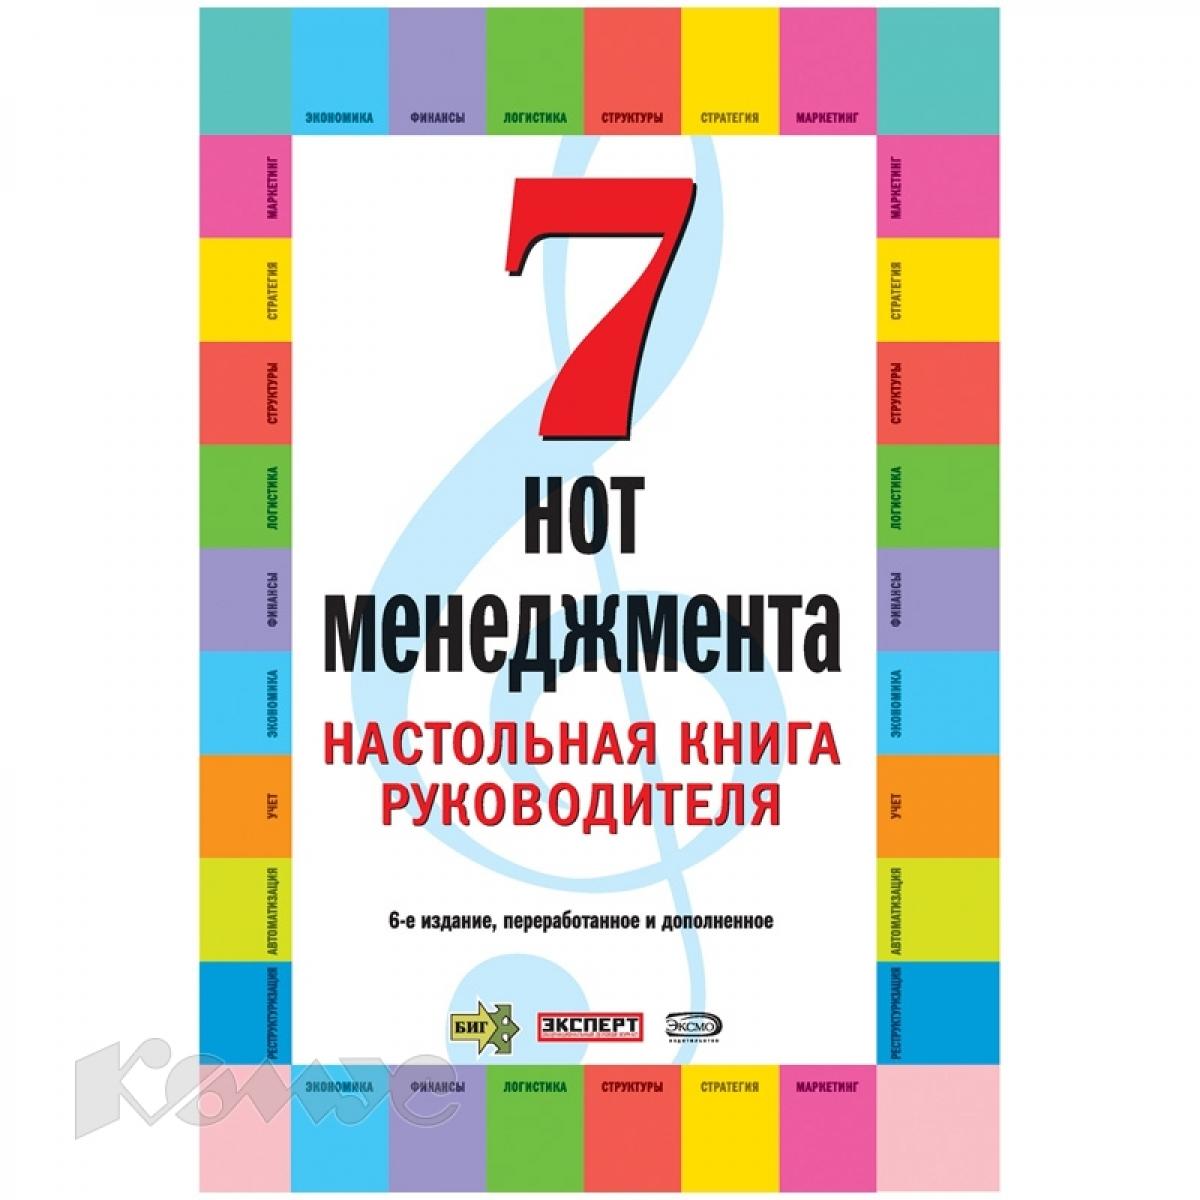 Обложка книги:  бочкарев а. , кондратьев в. , краснова в. , матвеева а. - 7 нот менеджмента. настольная книга руководителя